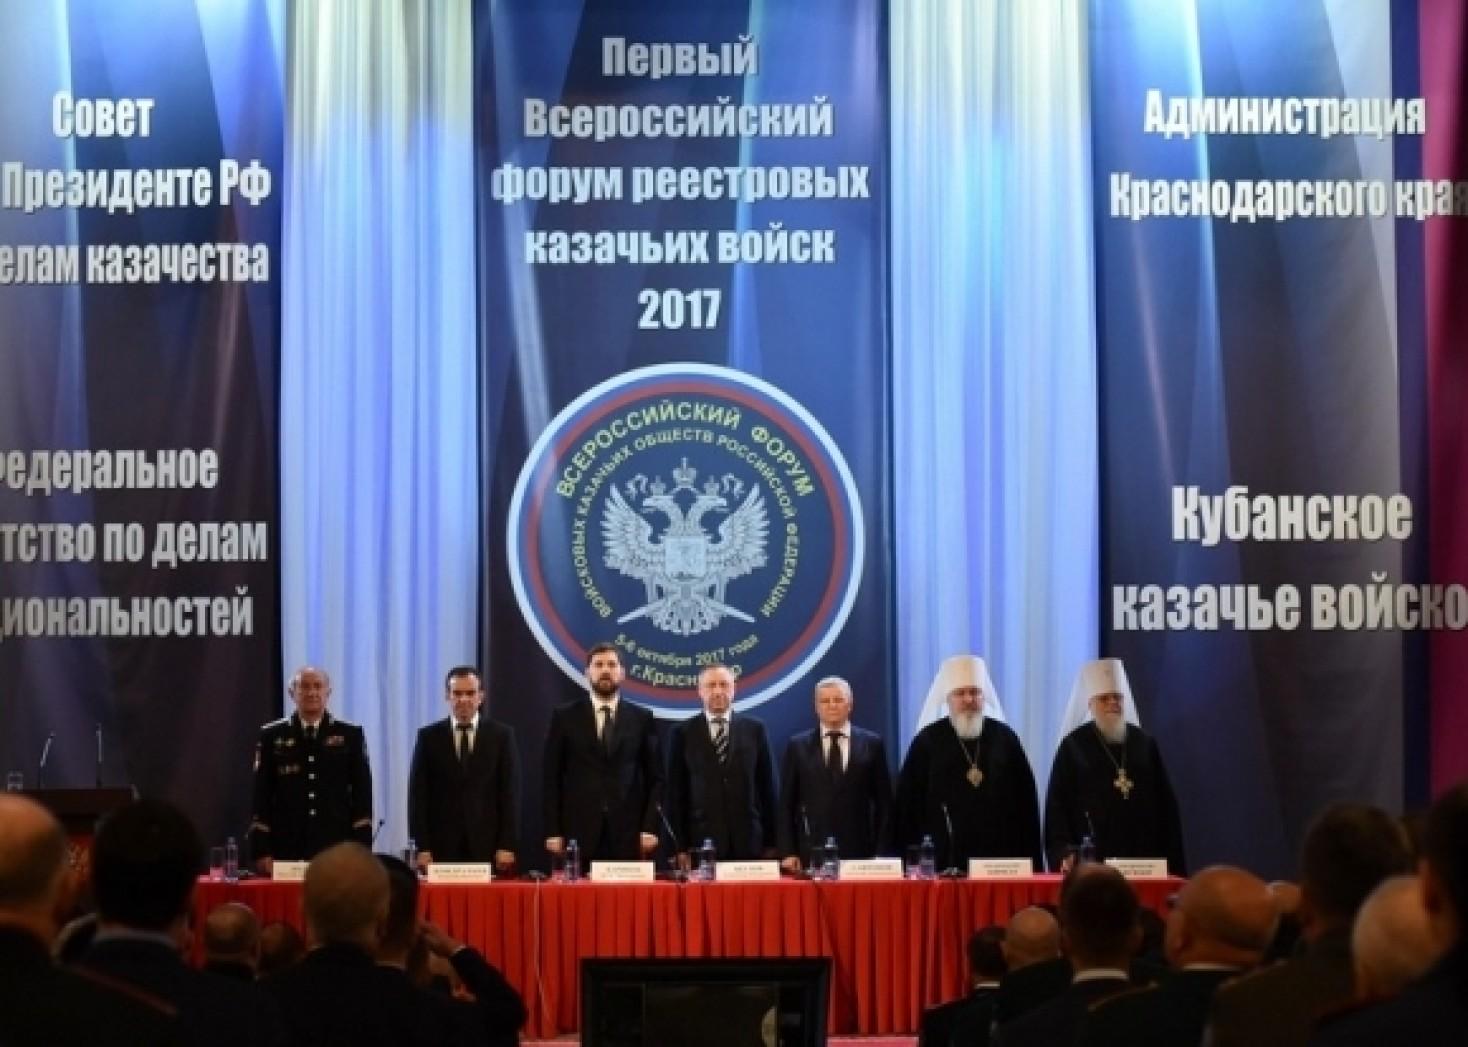 Новый закон о казачестве 2017 года